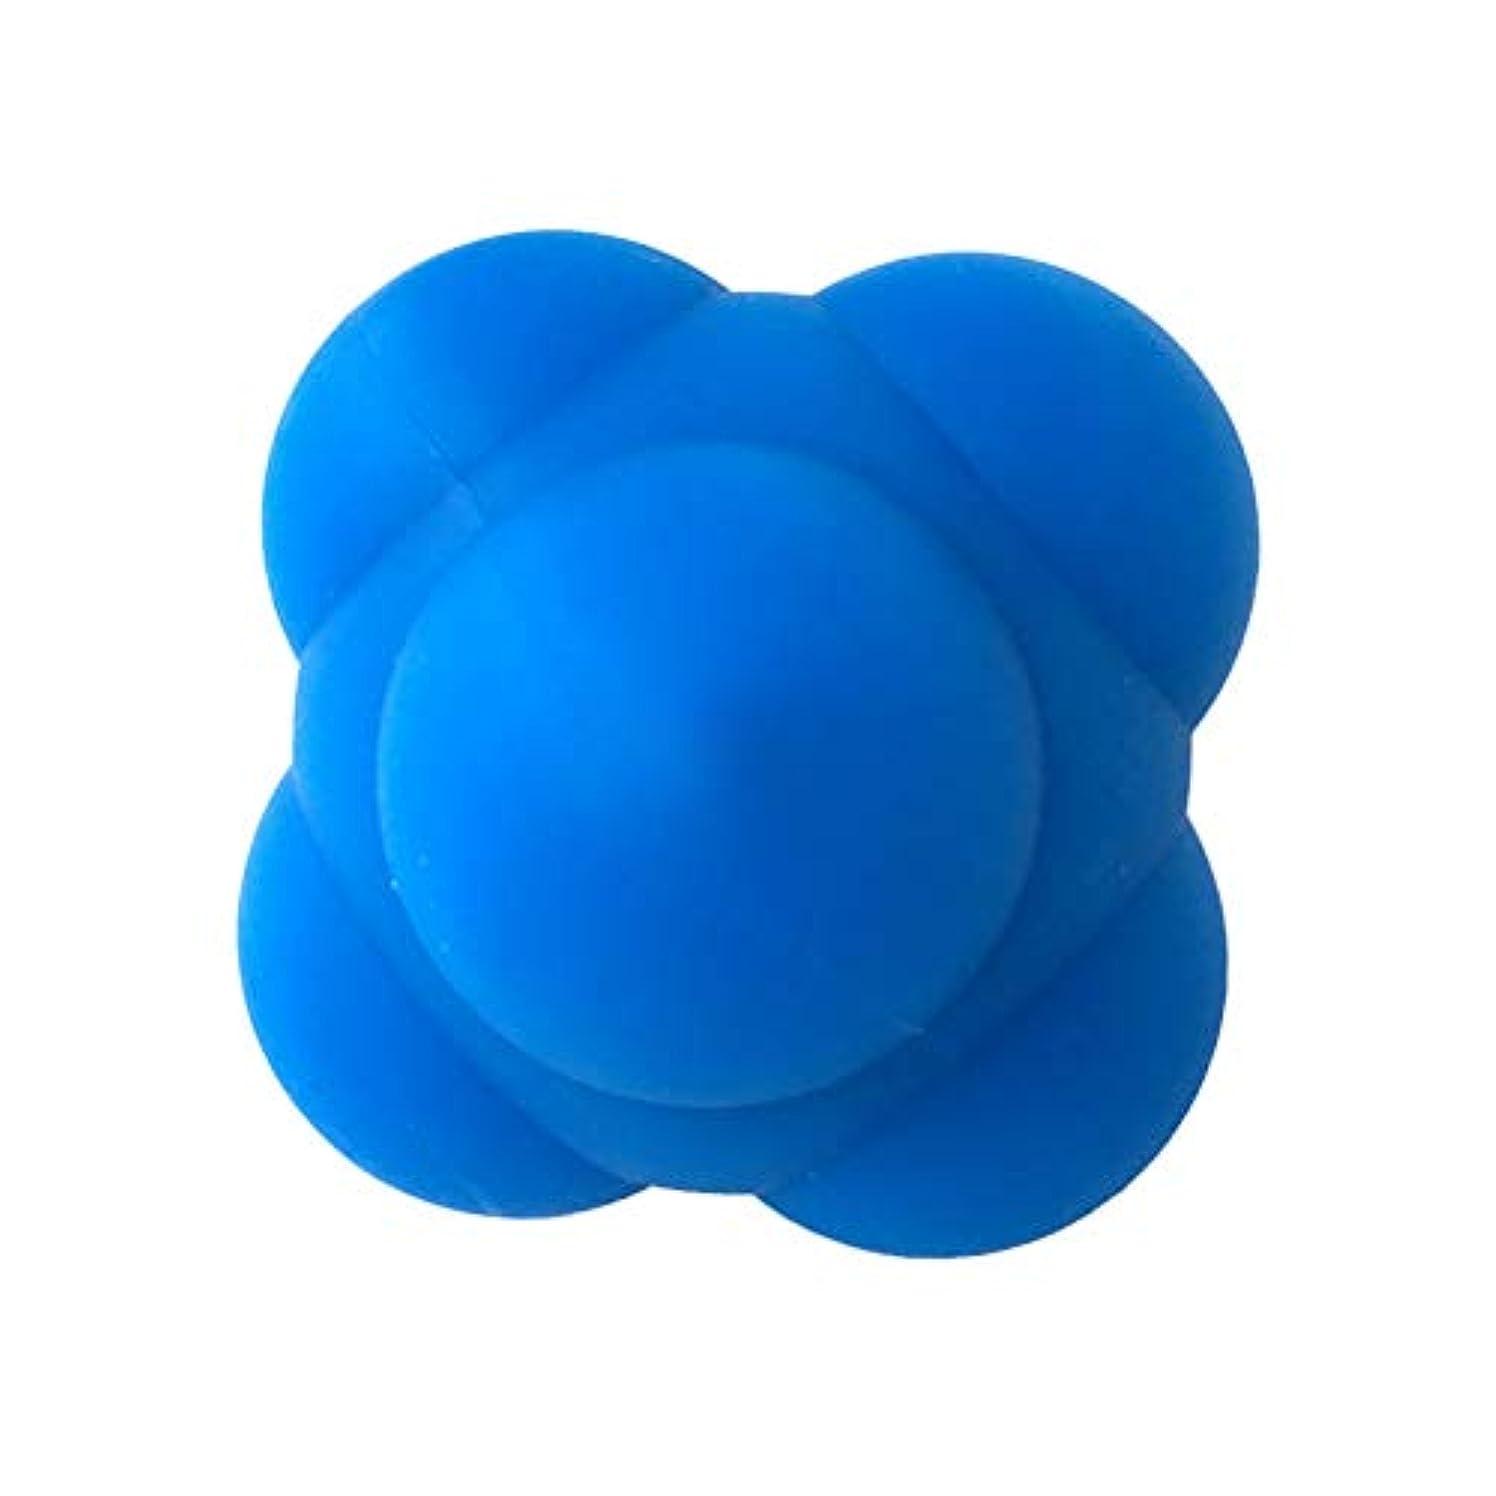 あえぎ先卒業Healifty 体の管理ボールスポーツシリコン六角形のボールソリッドフィットネストレーニングエクササイズリアクションボール素早さと敏捷性トレーニングボール6cm(青)